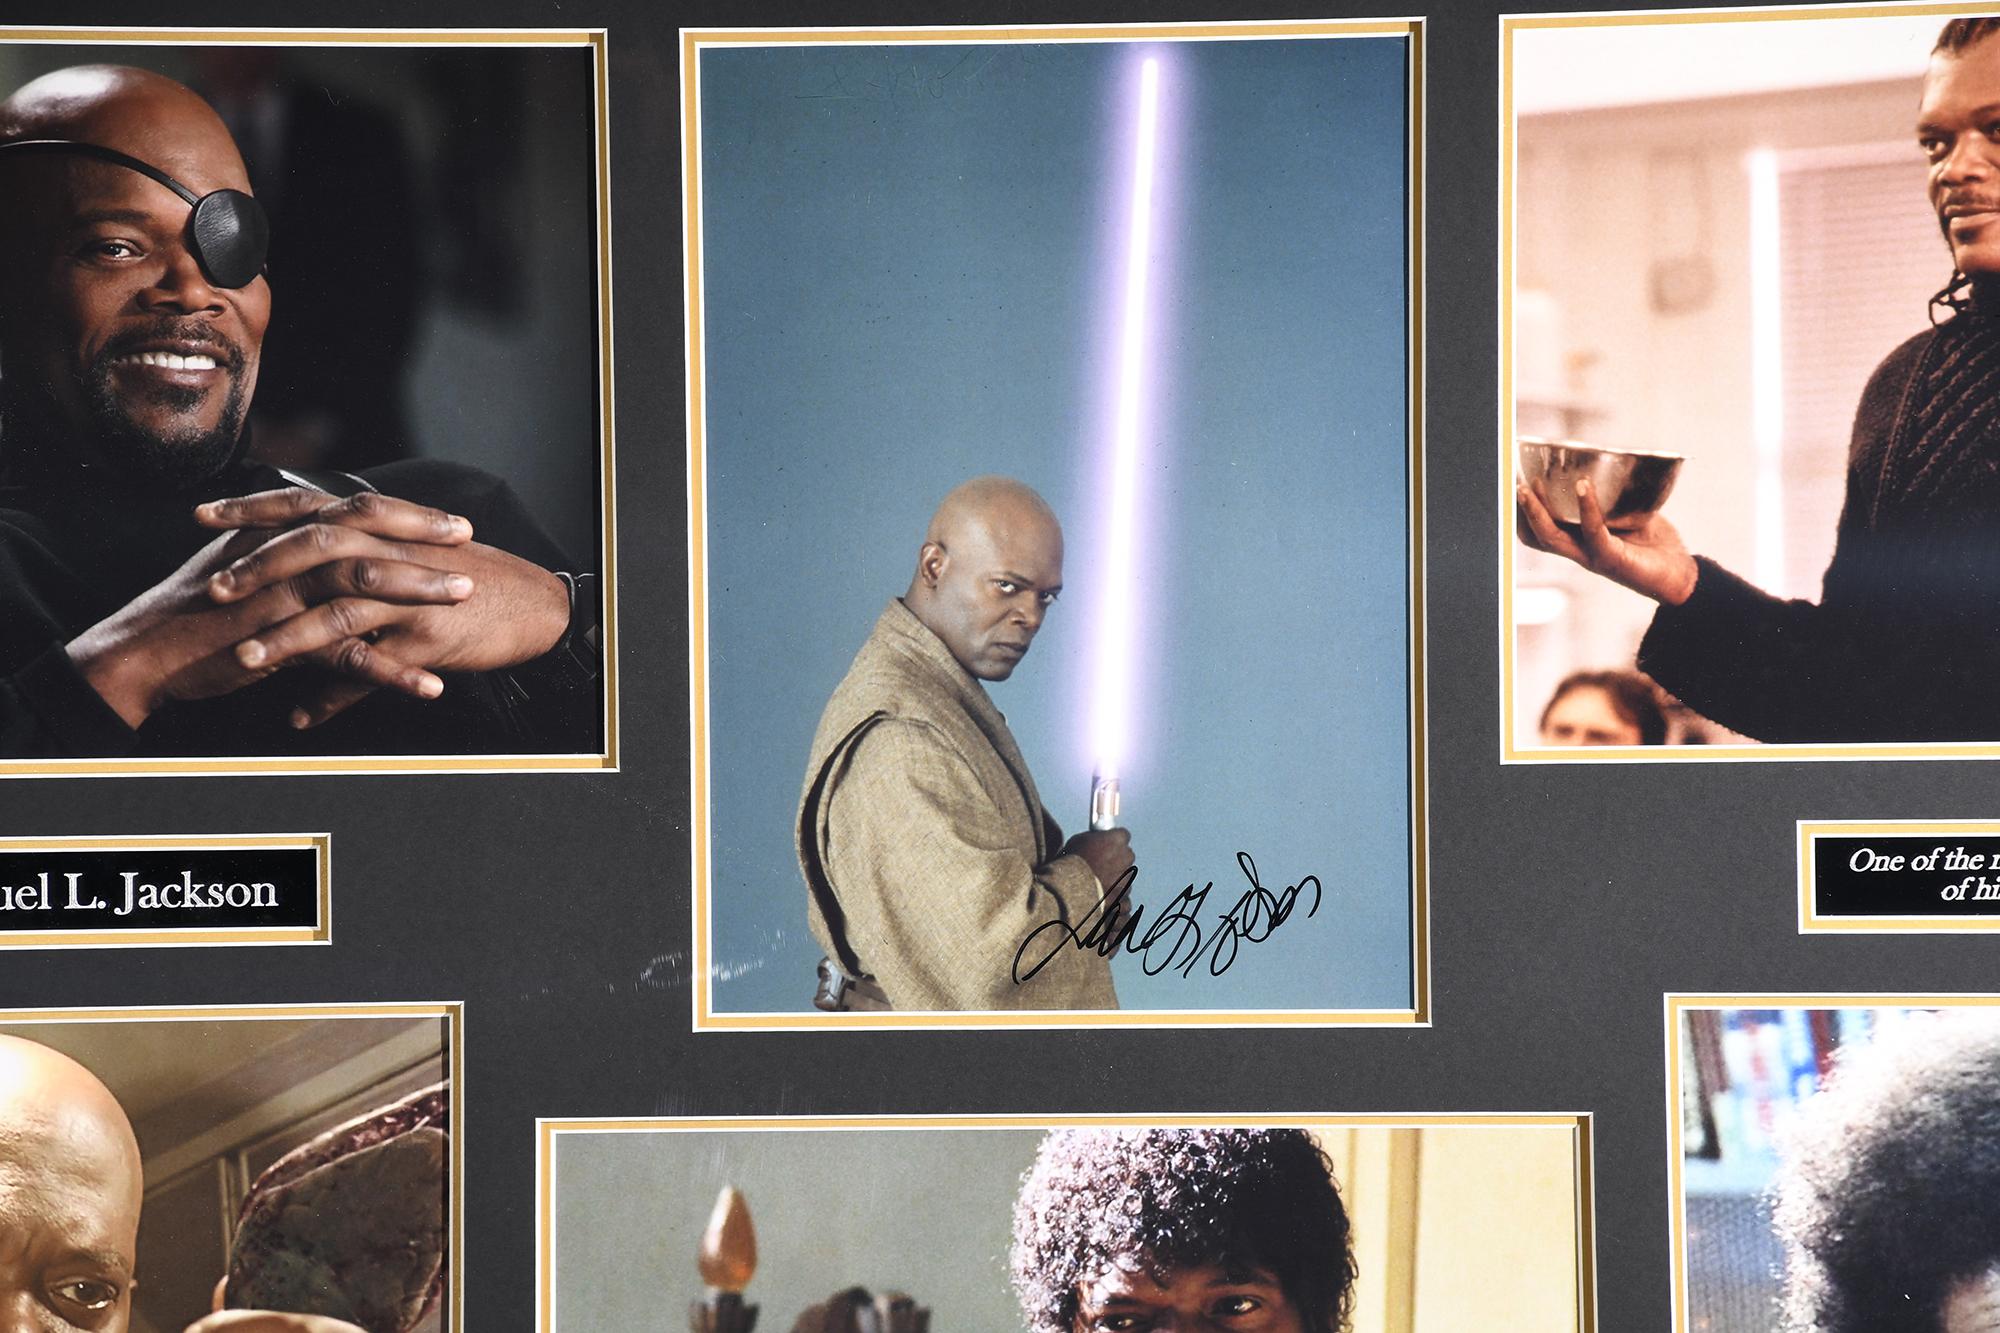 Samuel L Jackson Framed Signature Presentation - Image 2 of 4